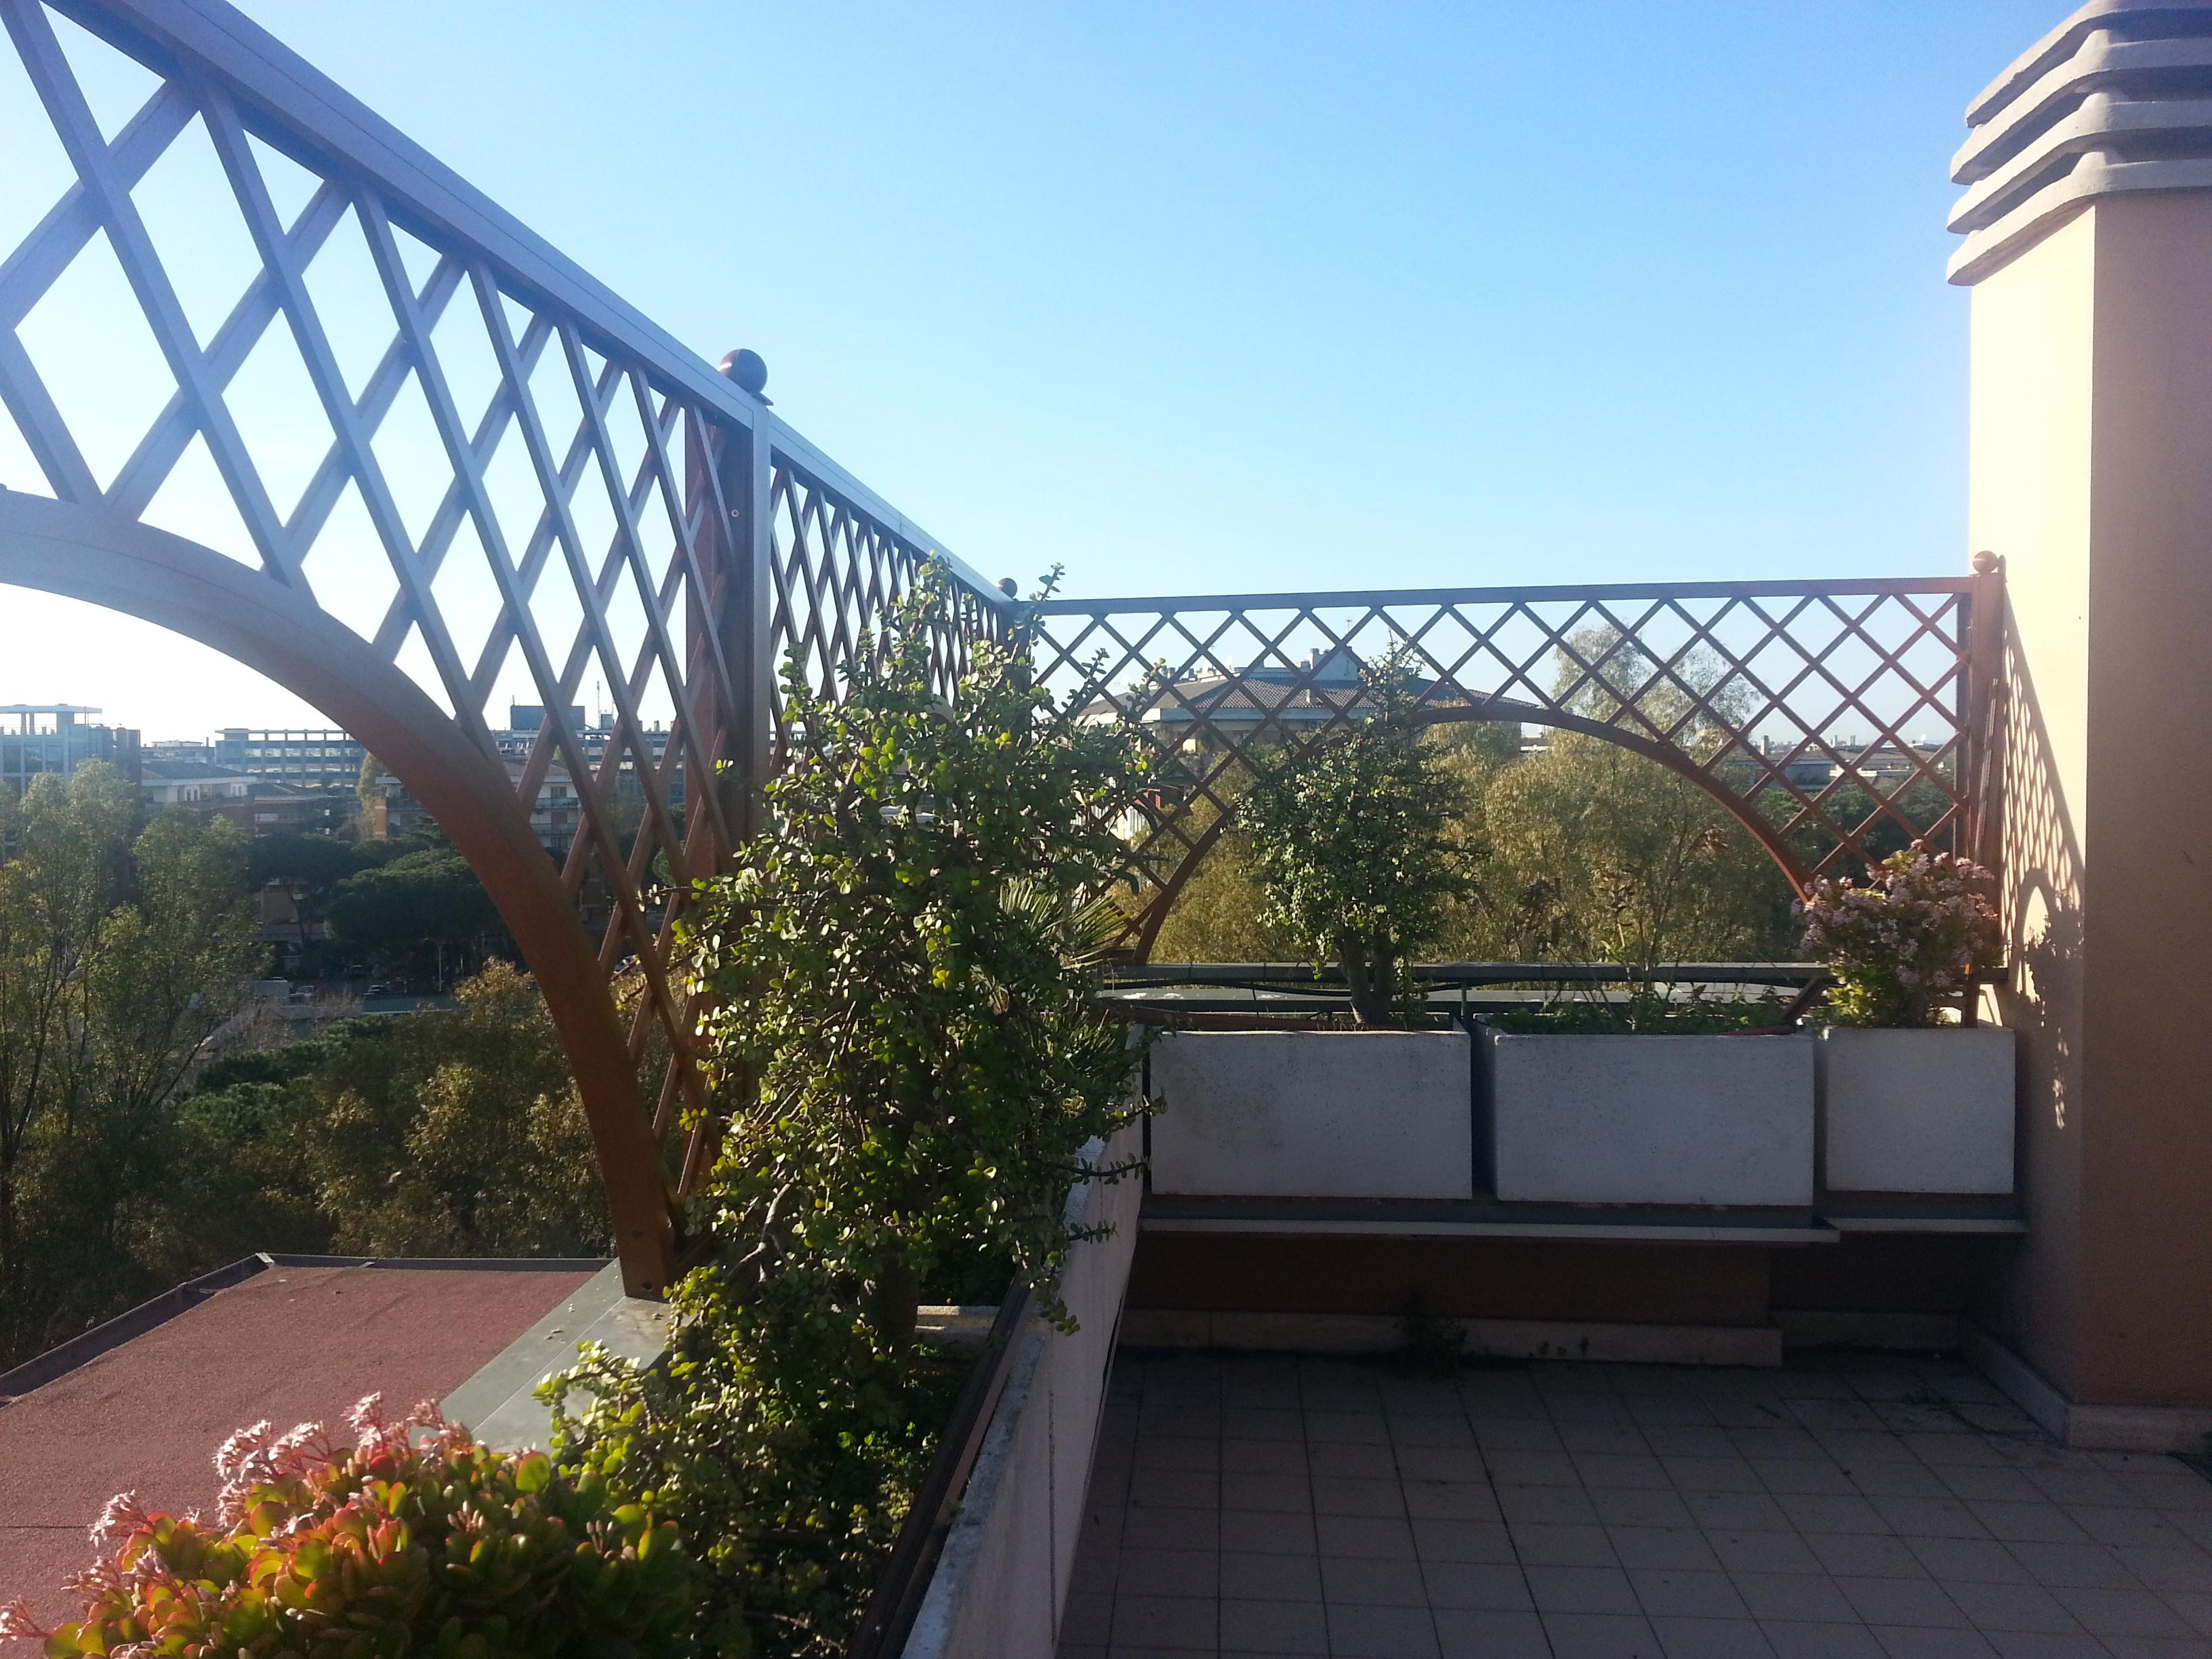 Grigliato con archi e piante rampicanti (bouganville)